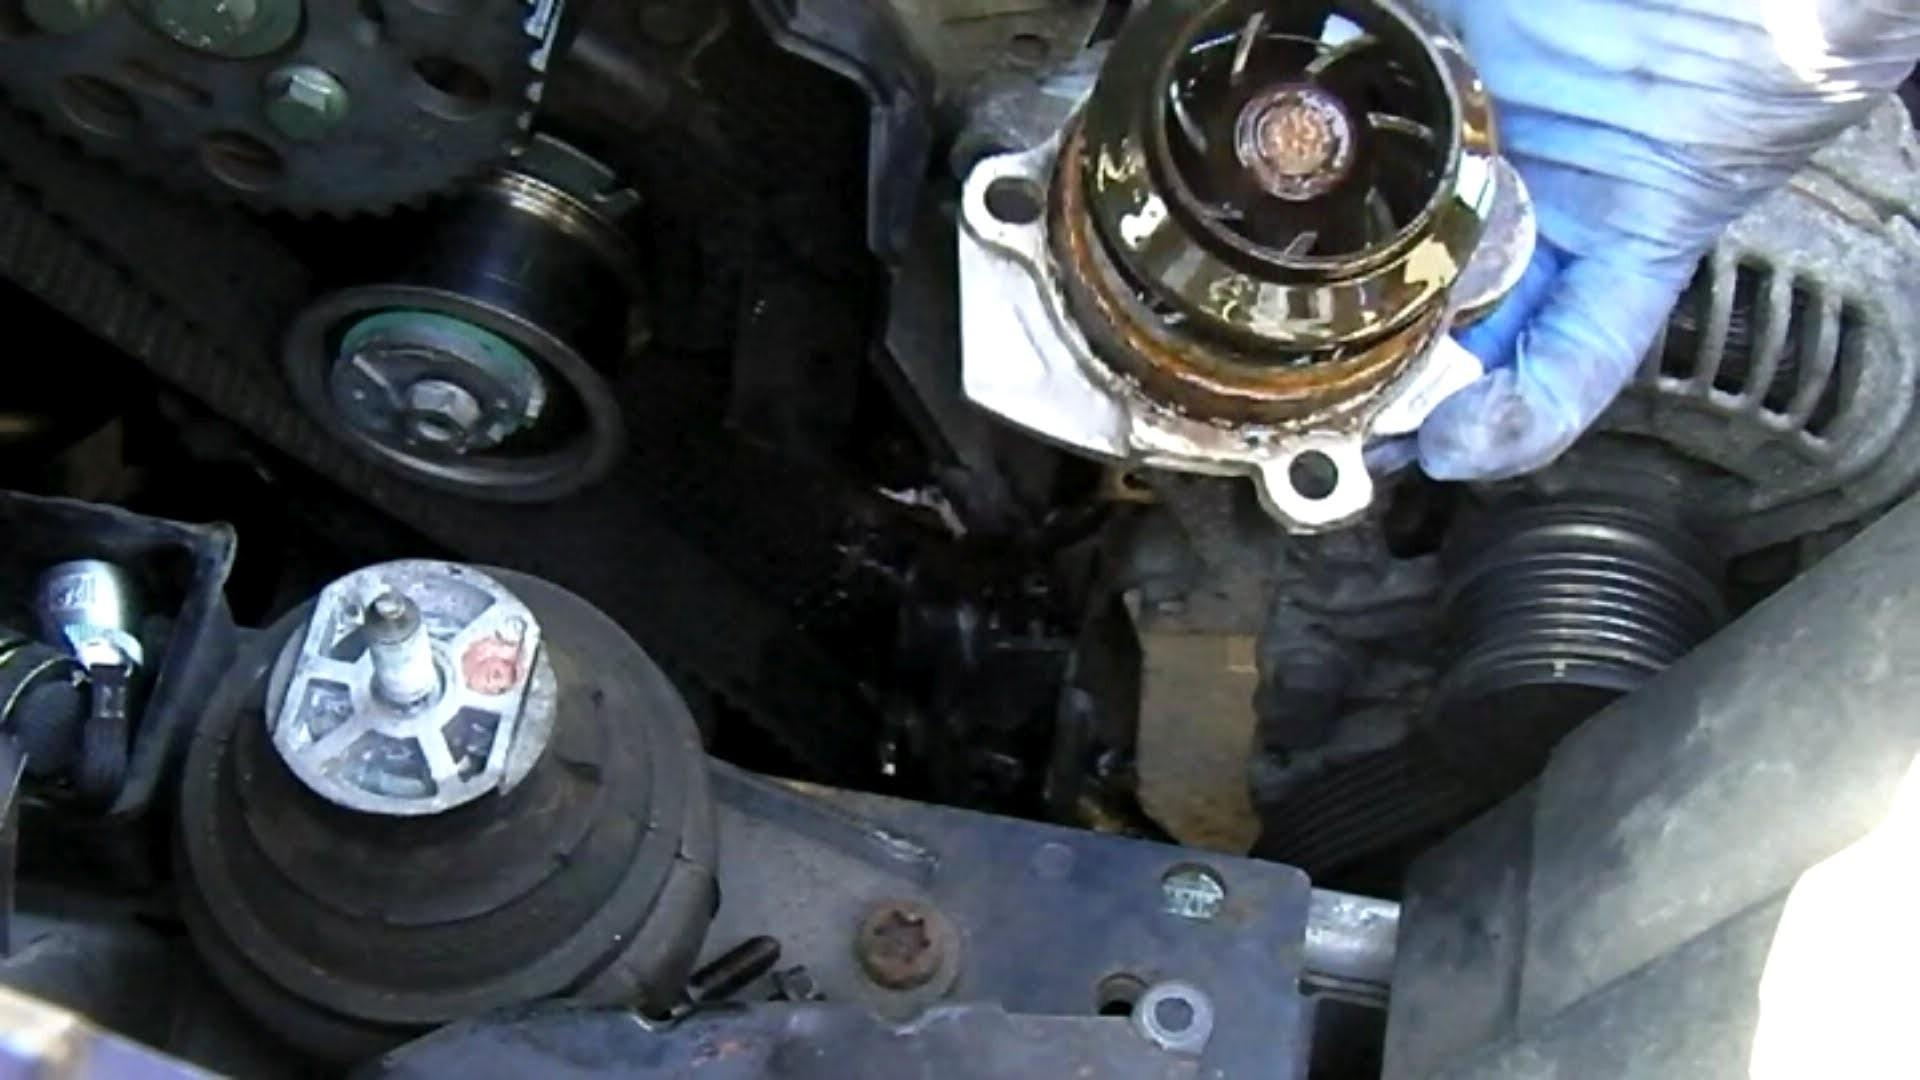 Car Water Pump Diagram ford Galaxy 1 9 Tdi Mk2 Water Pump Removal Of Car Water Pump Diagram